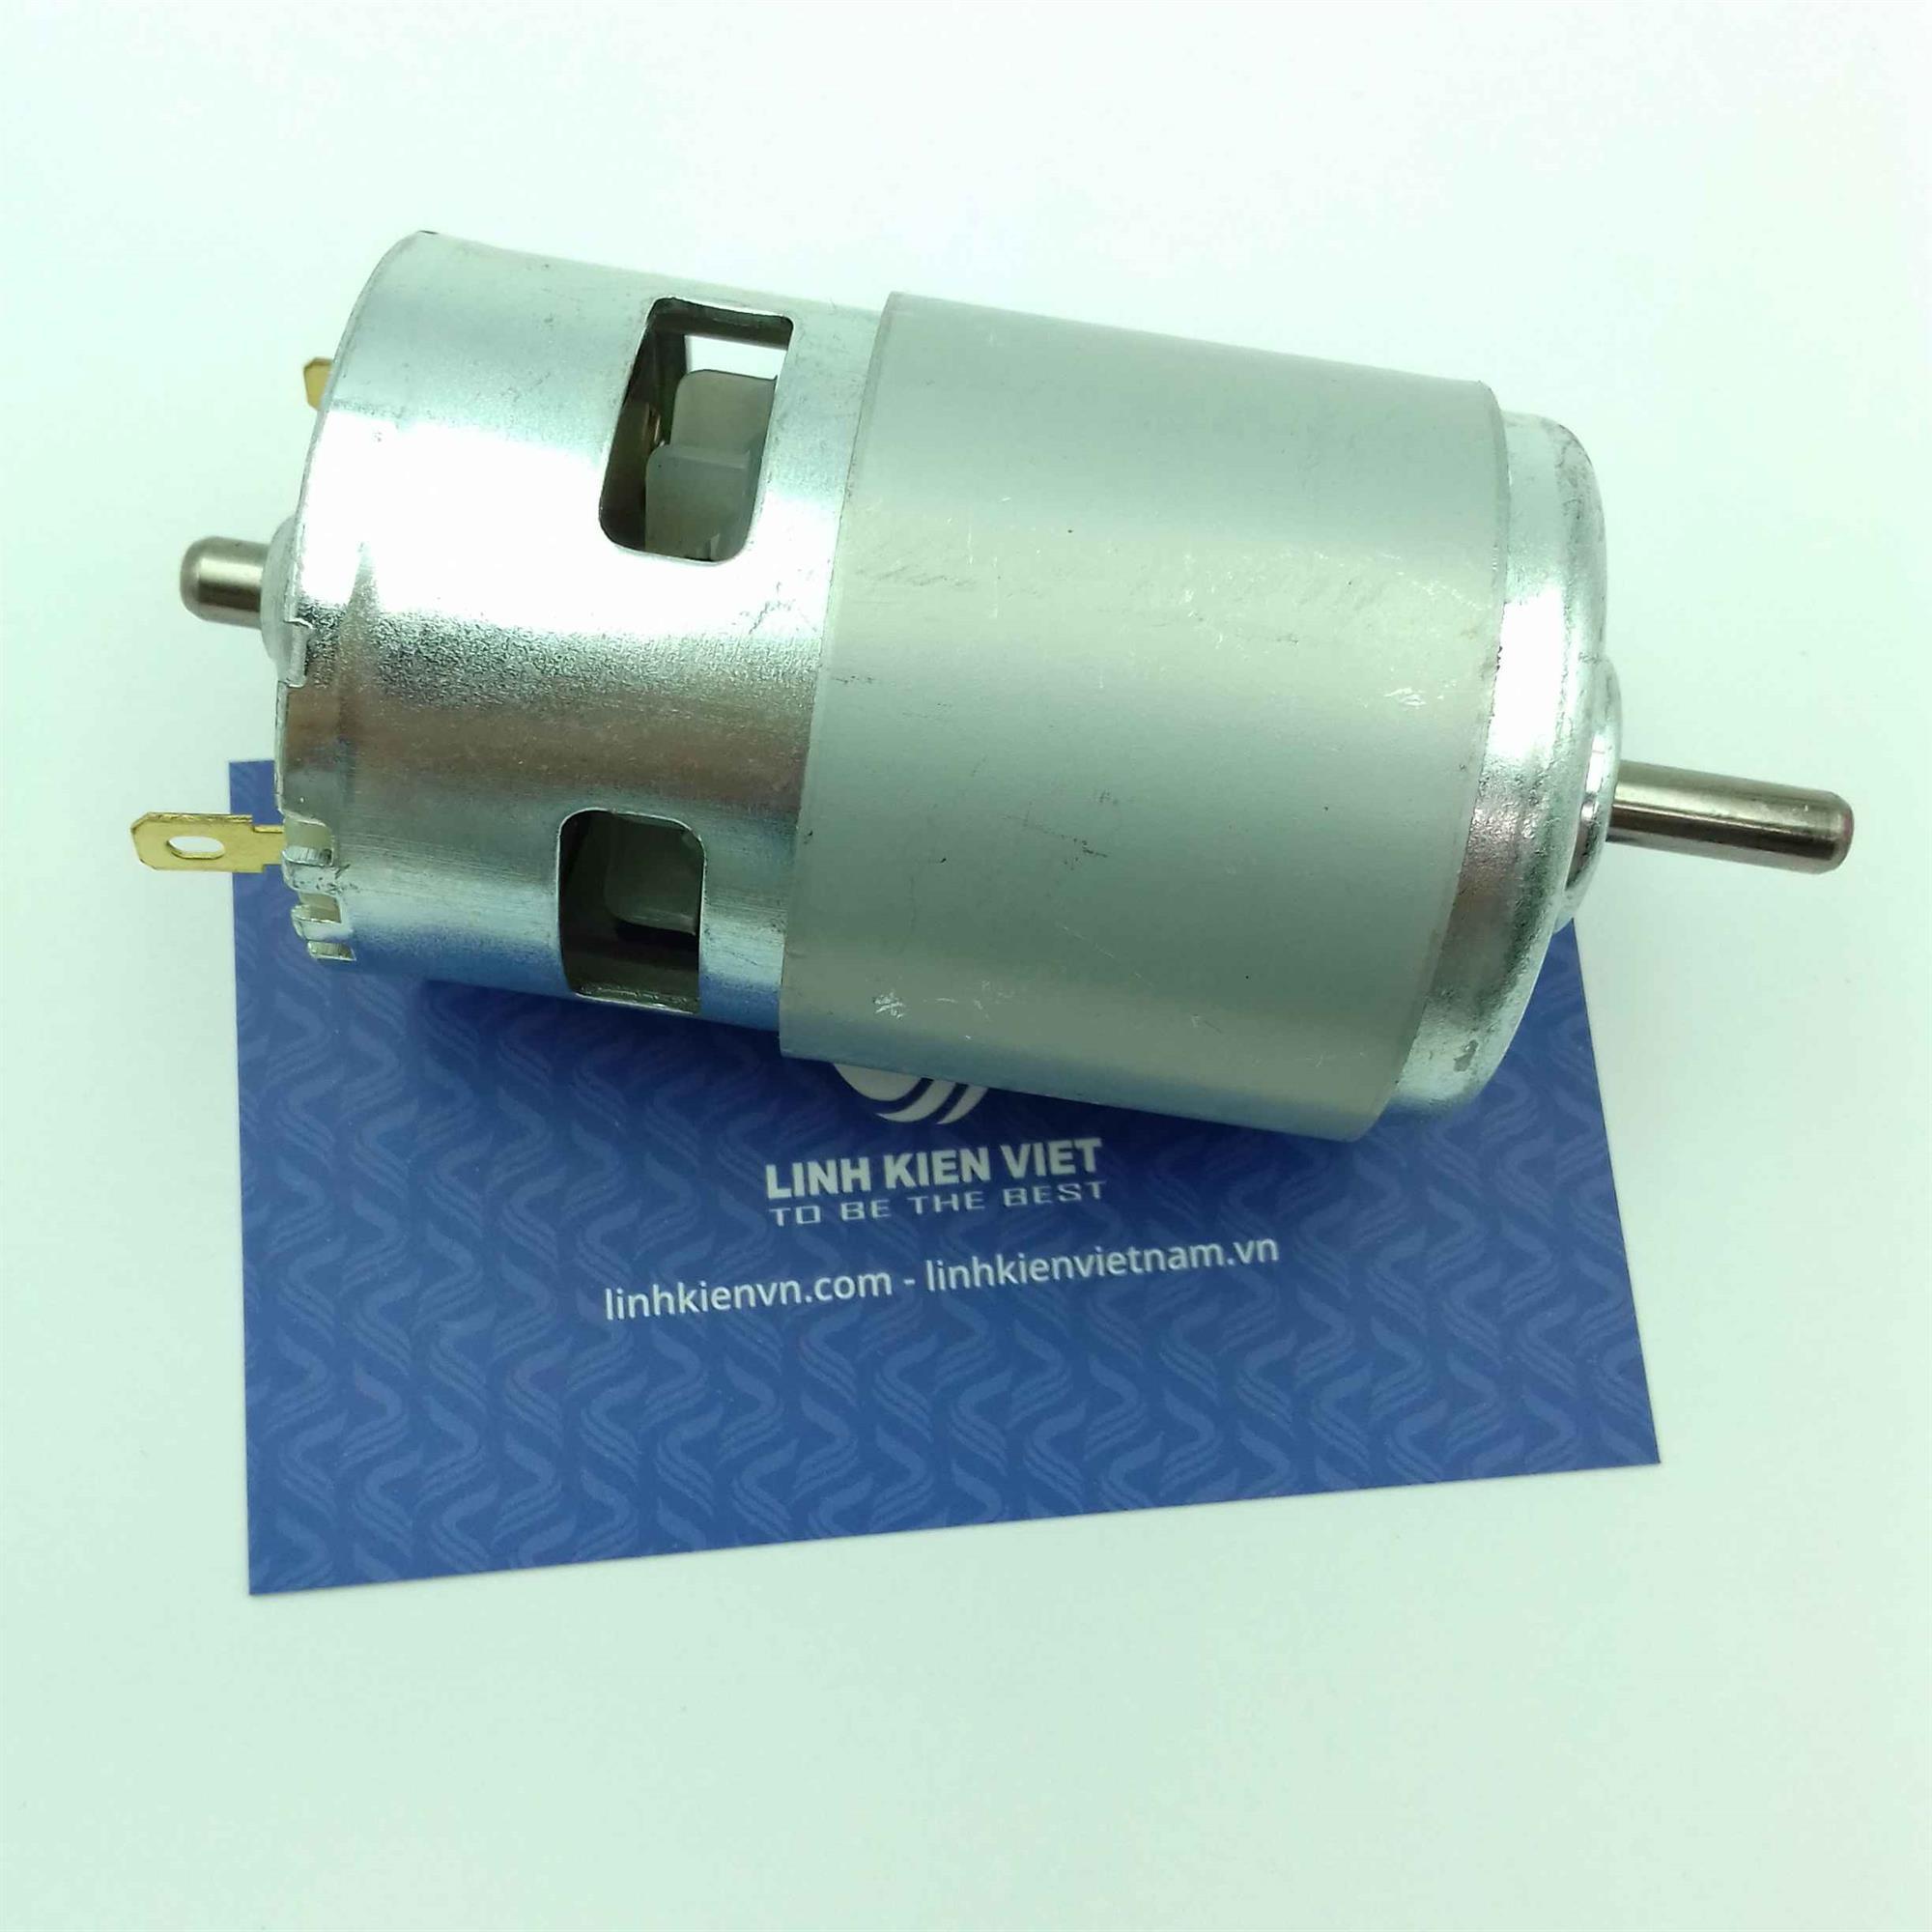 Động cơ 775 1 đầu 12V 18000 rpm 150W siêu mạnh -